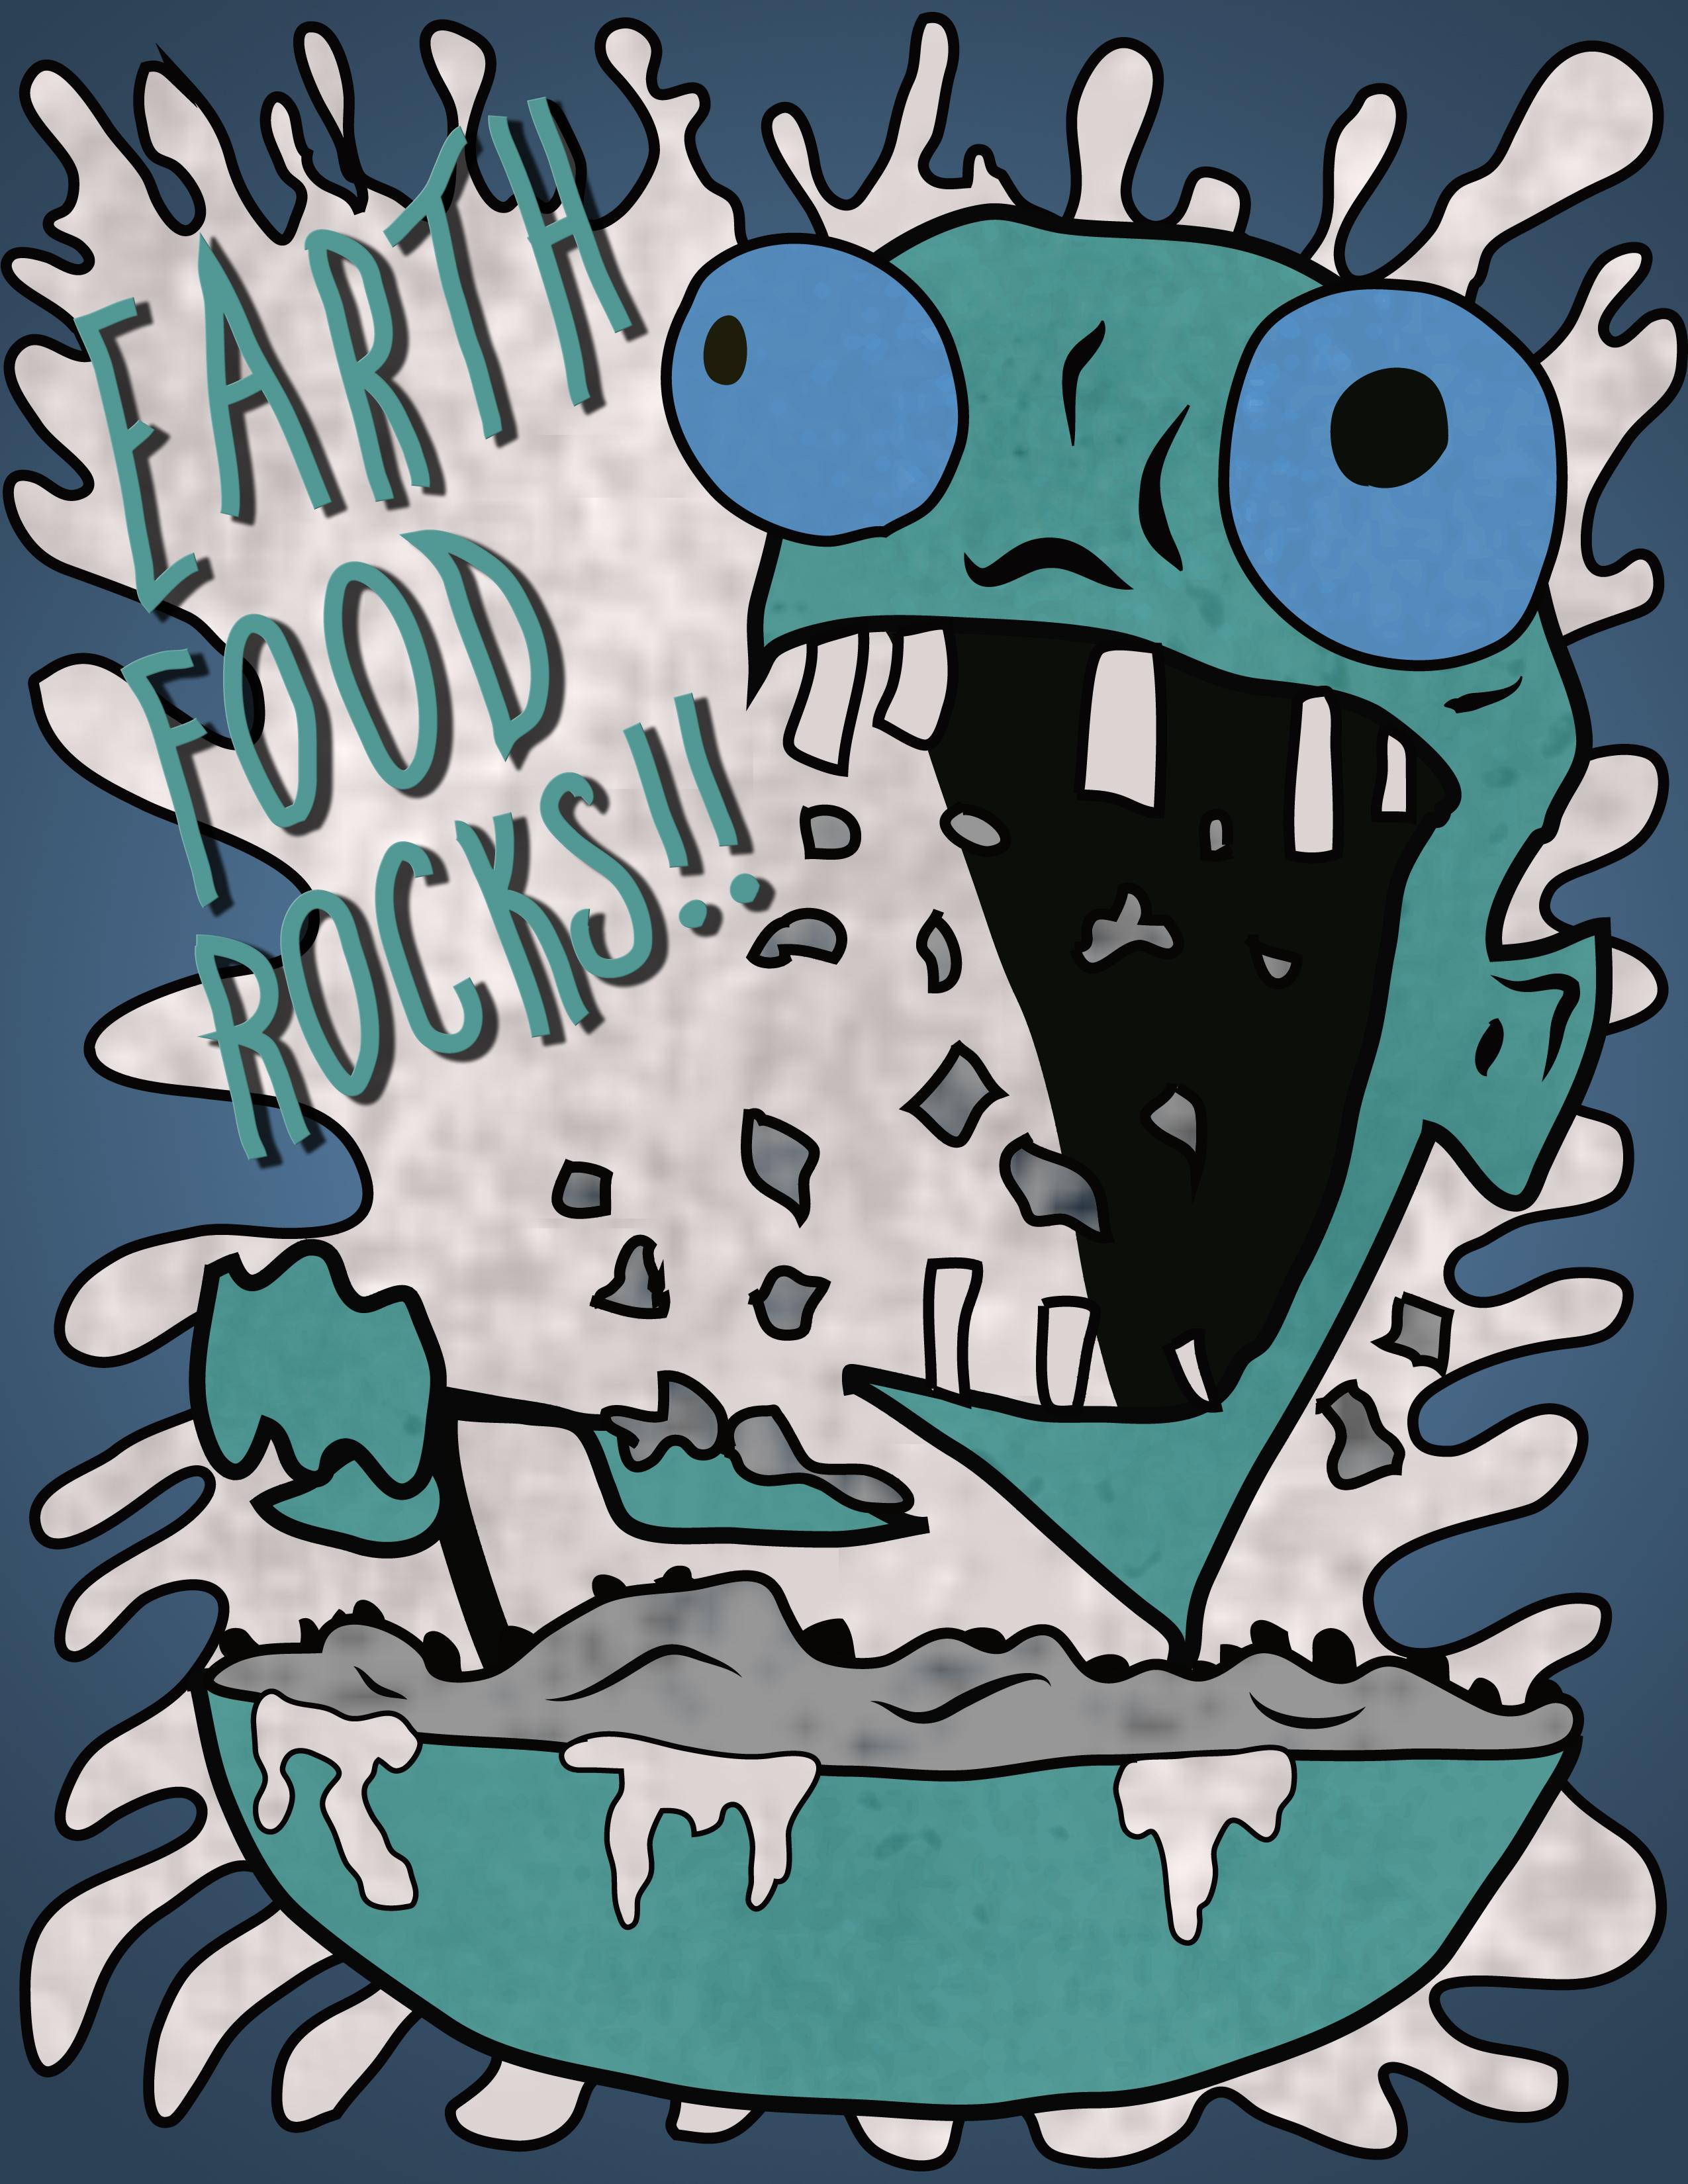 Zimu0027s Kitchen Poster By Cheefotain Zimu0027s Kitchen Poster By Cheefotain